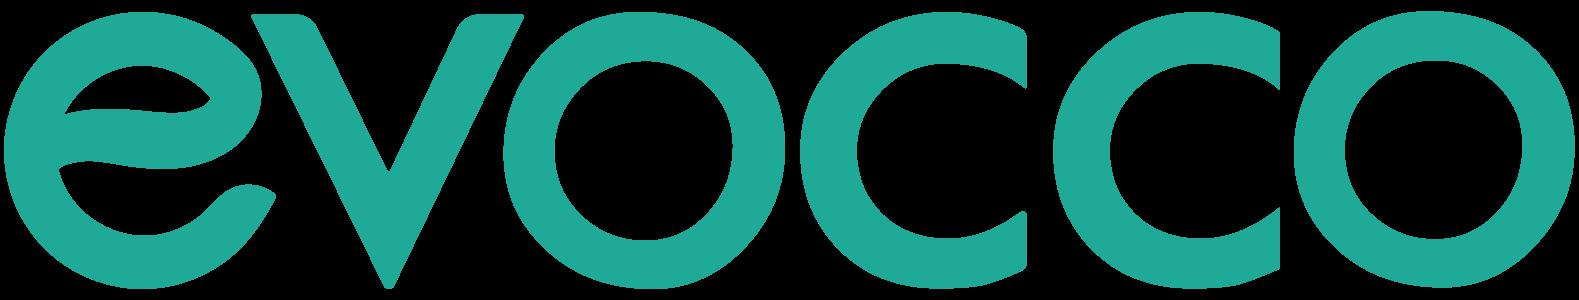 logo_letters_darkcyan